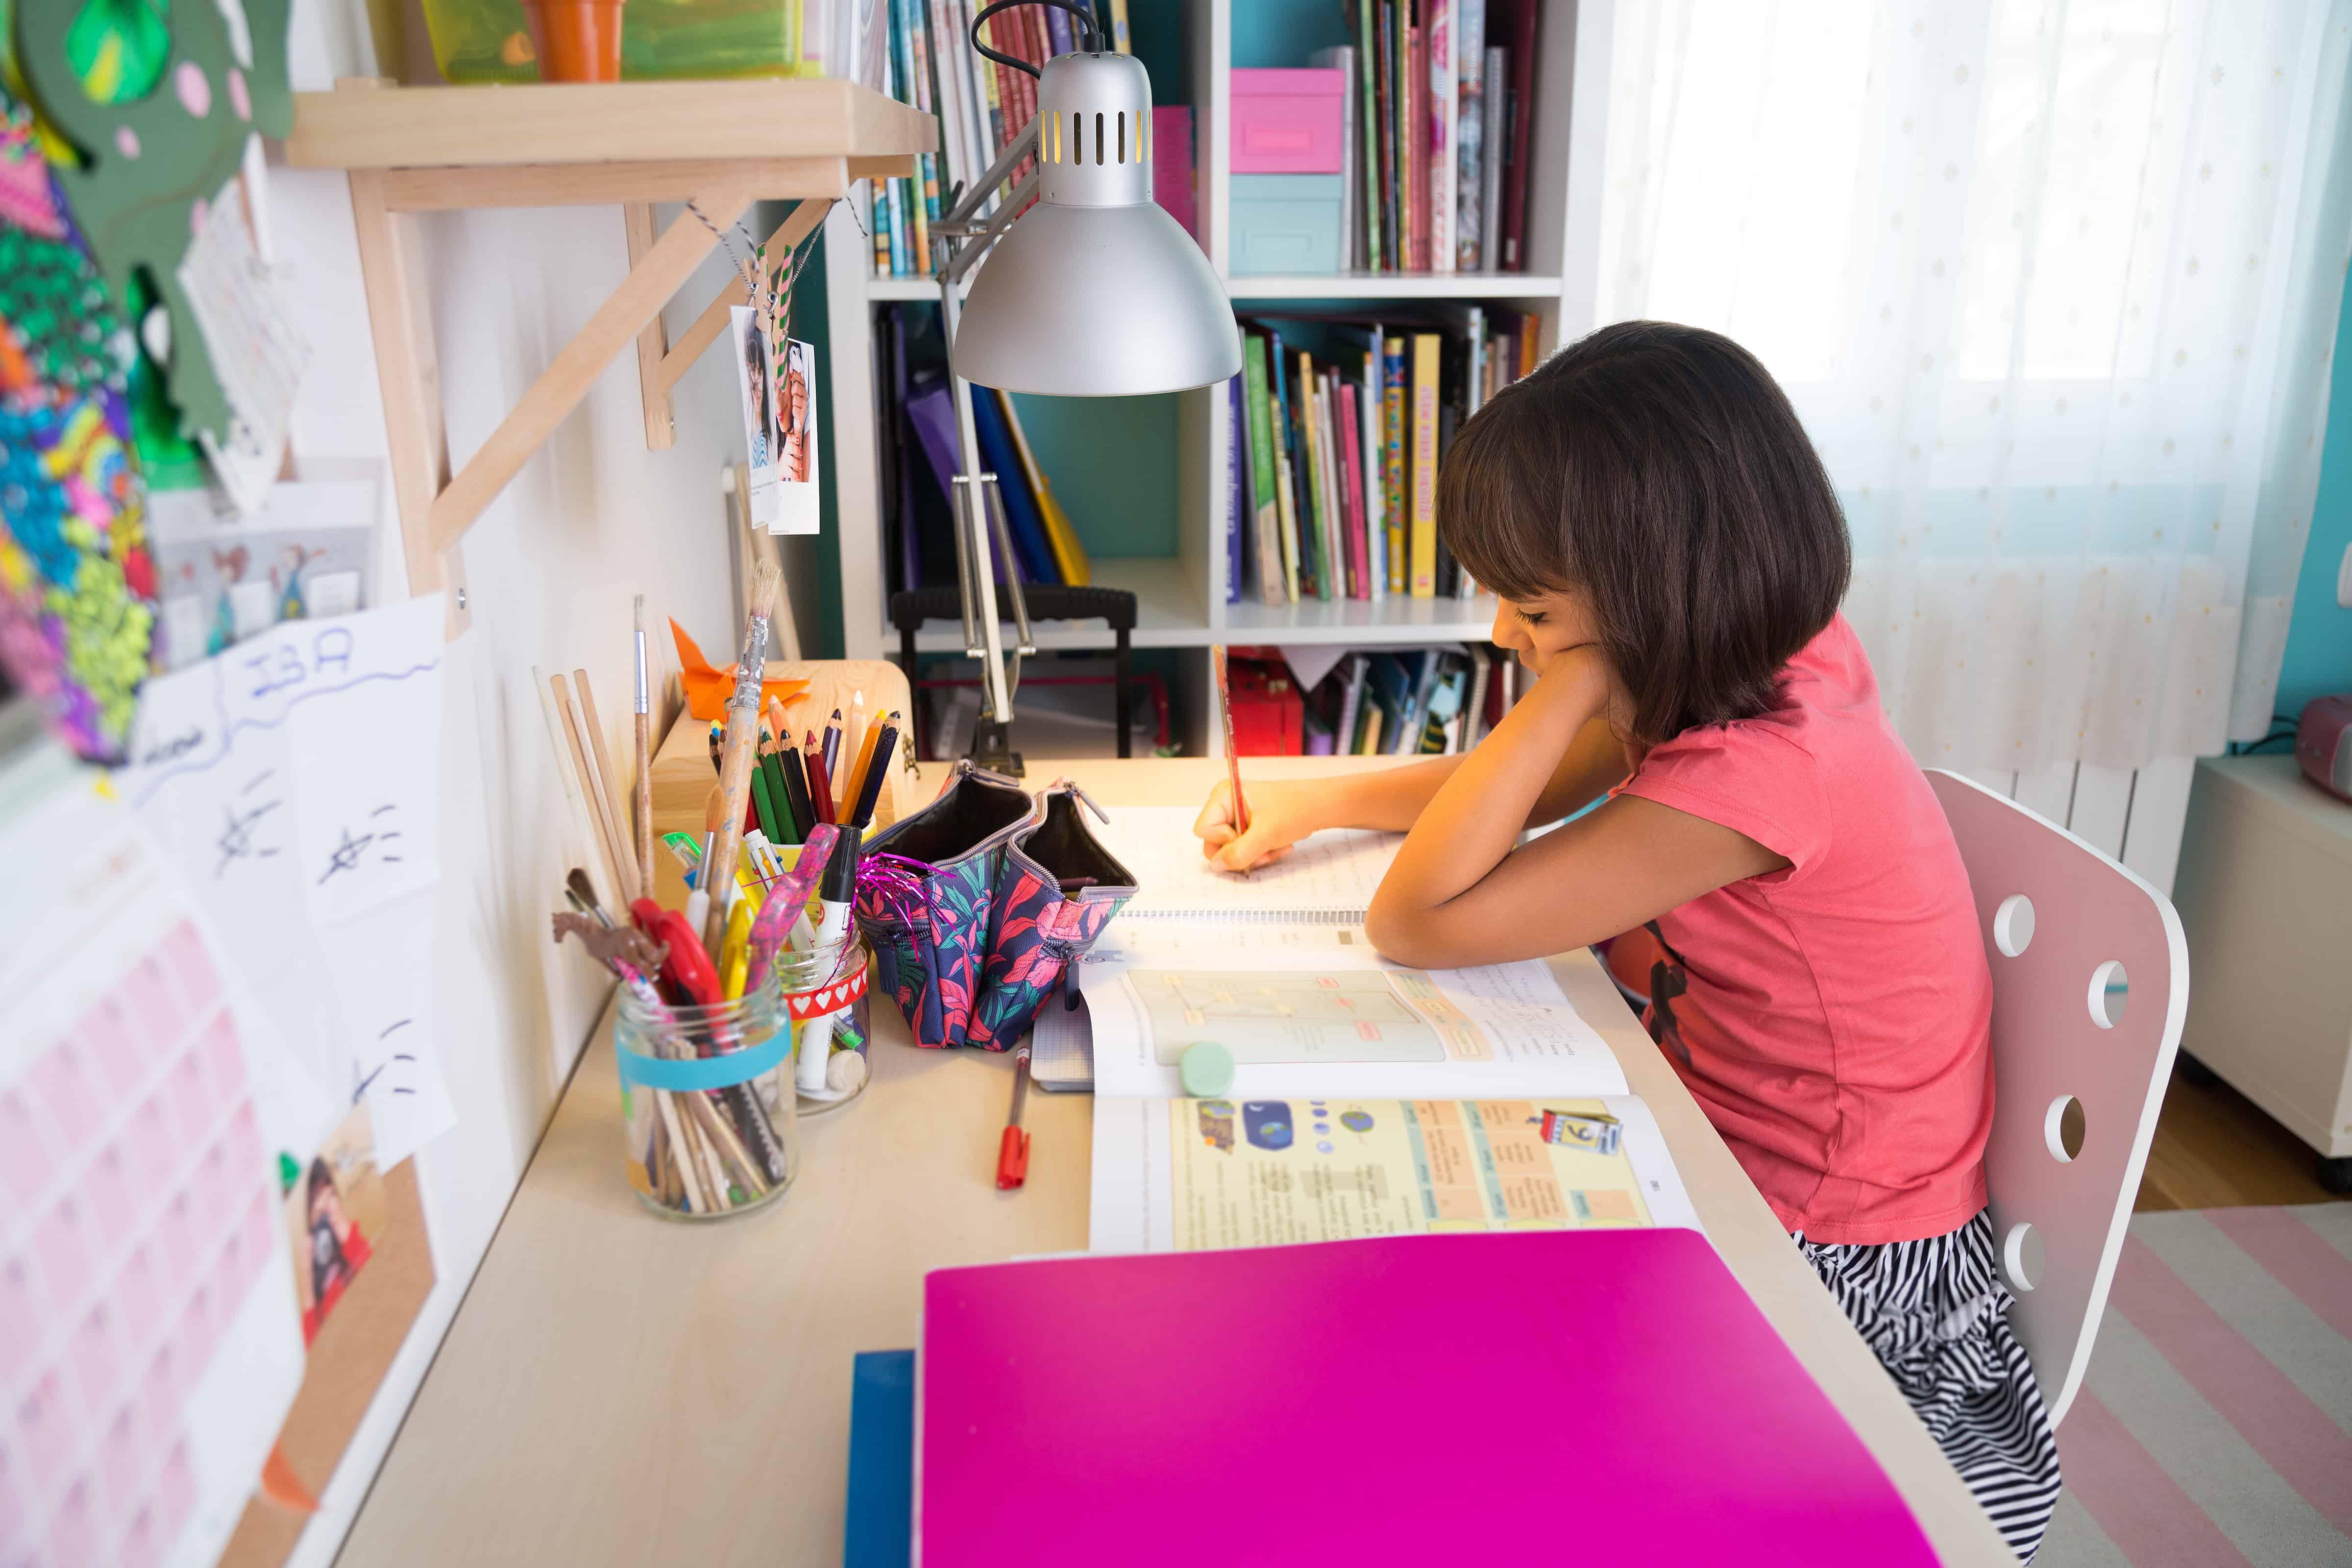 Kinderschreibtischstuhl: Test & Empfehlungen (01/20)